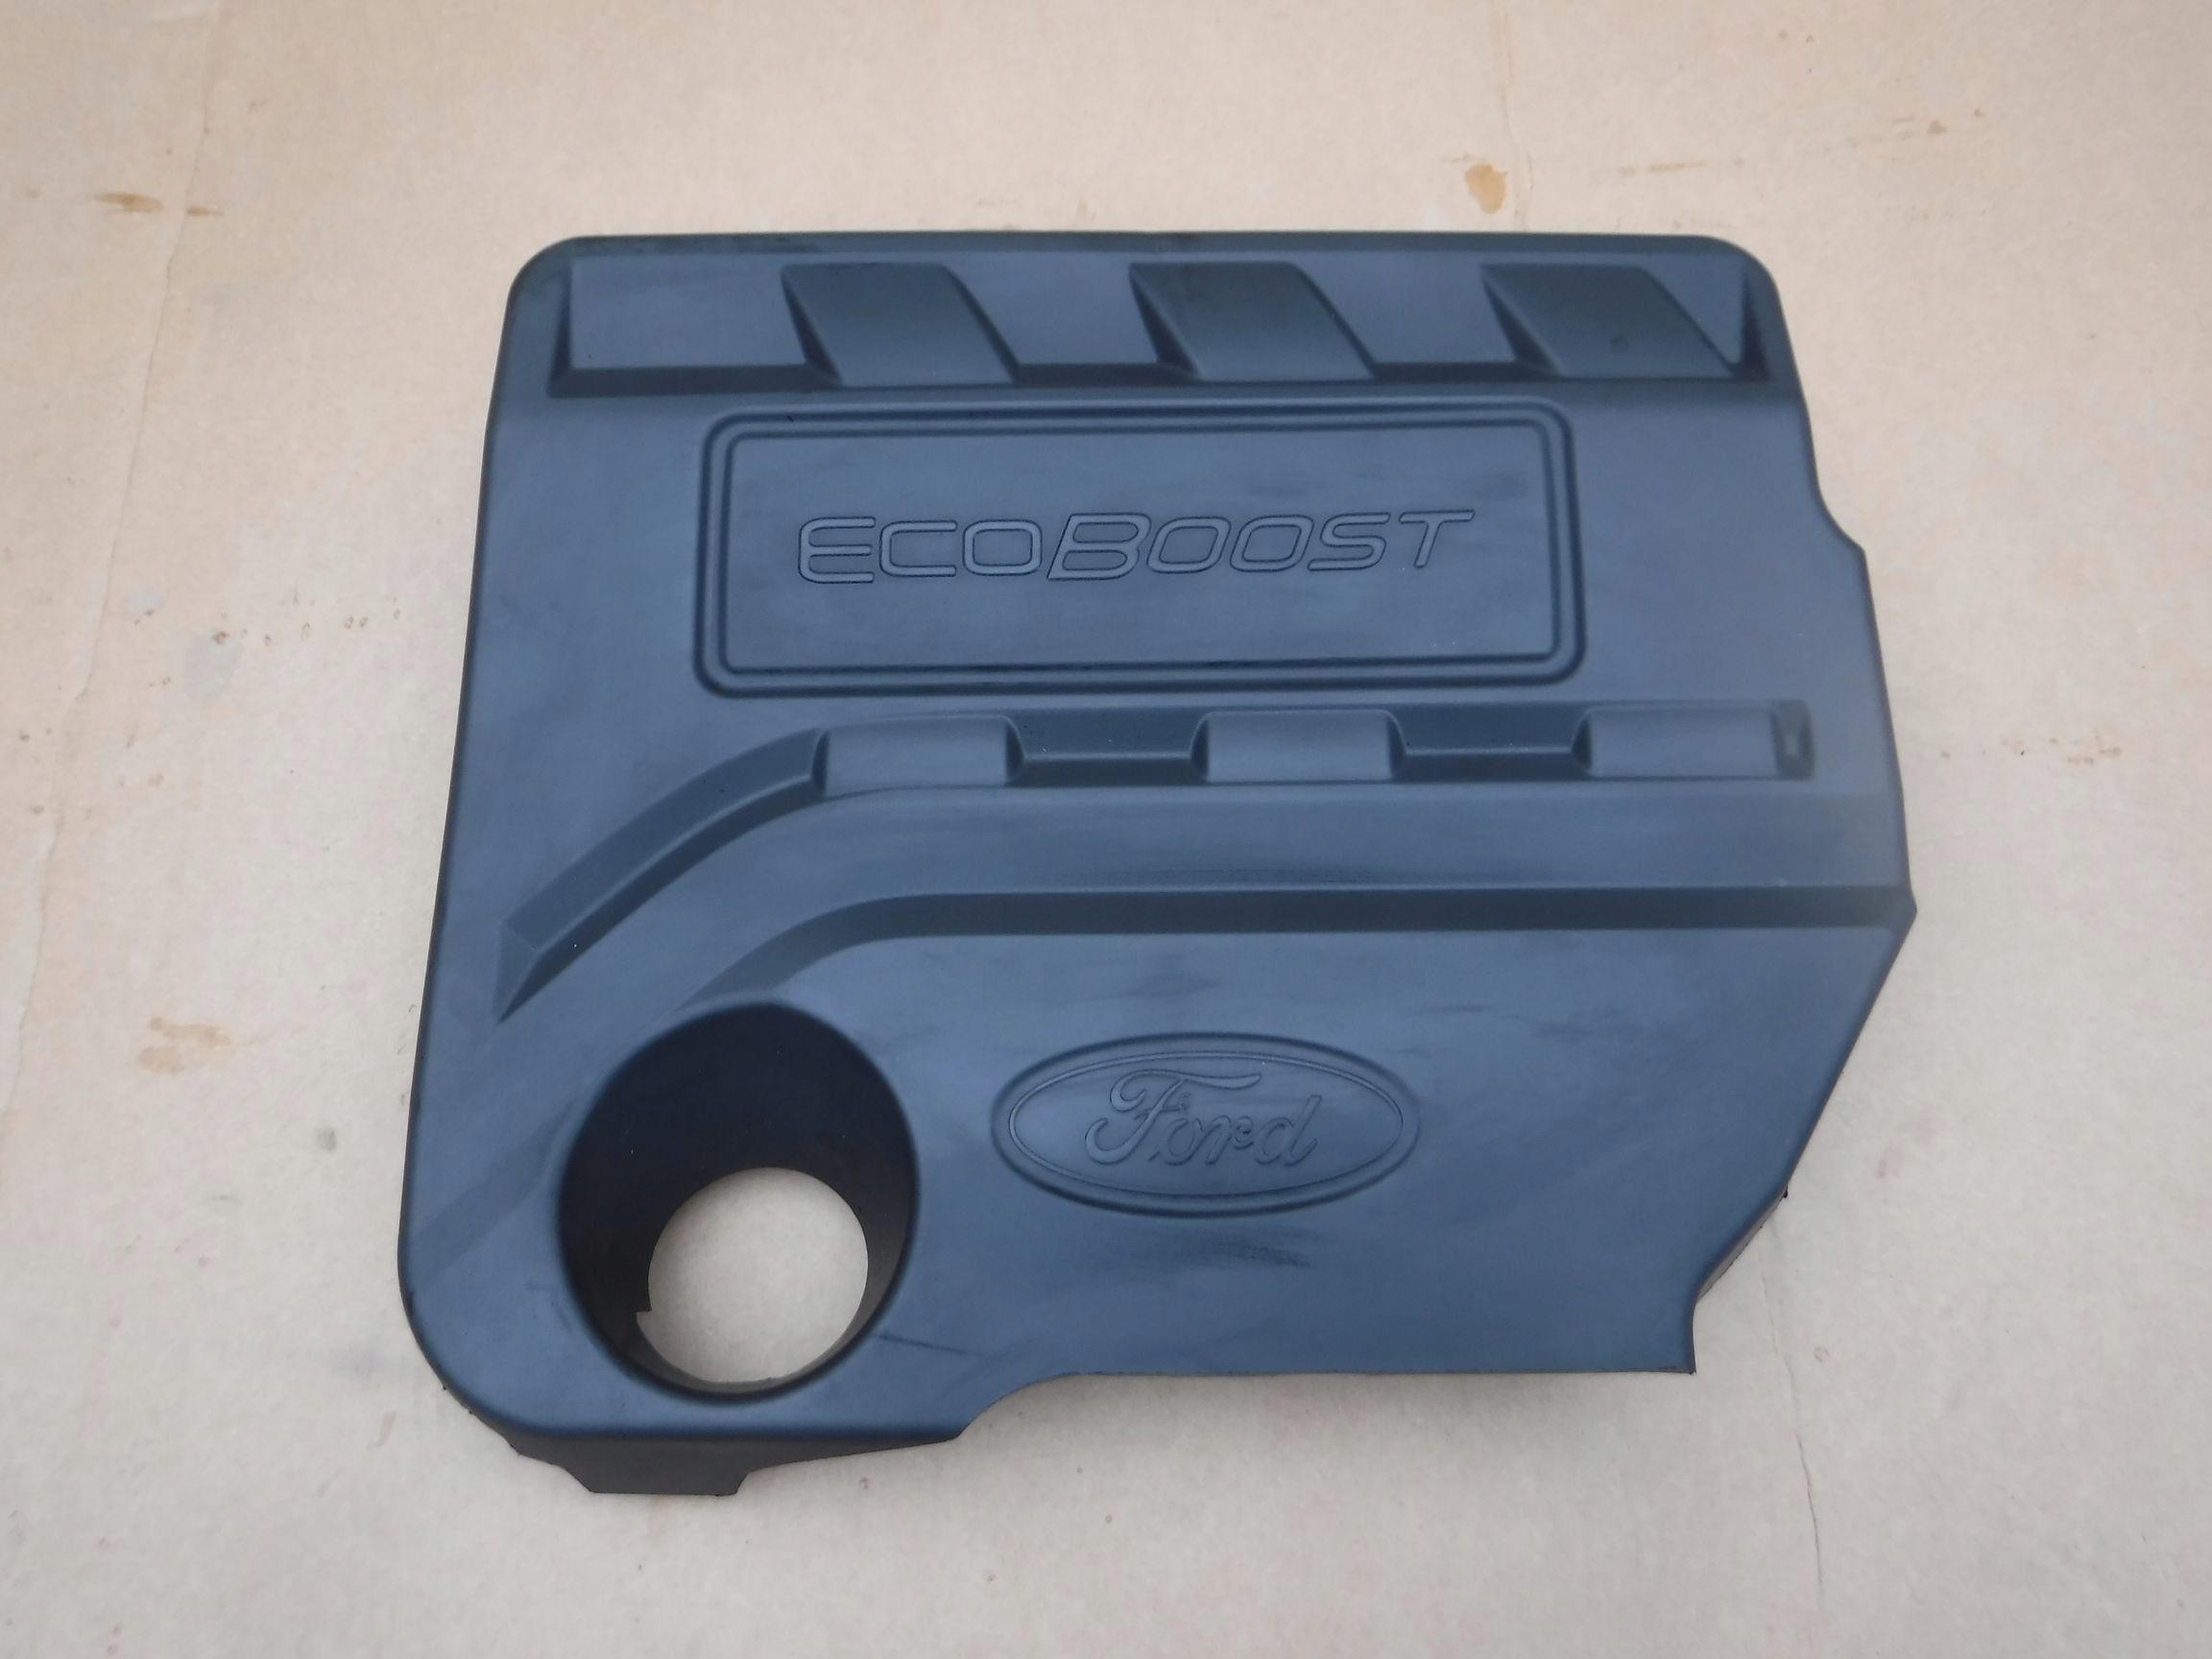 крышка двигателя на двигатель ford focus mk4 10 ecoboo